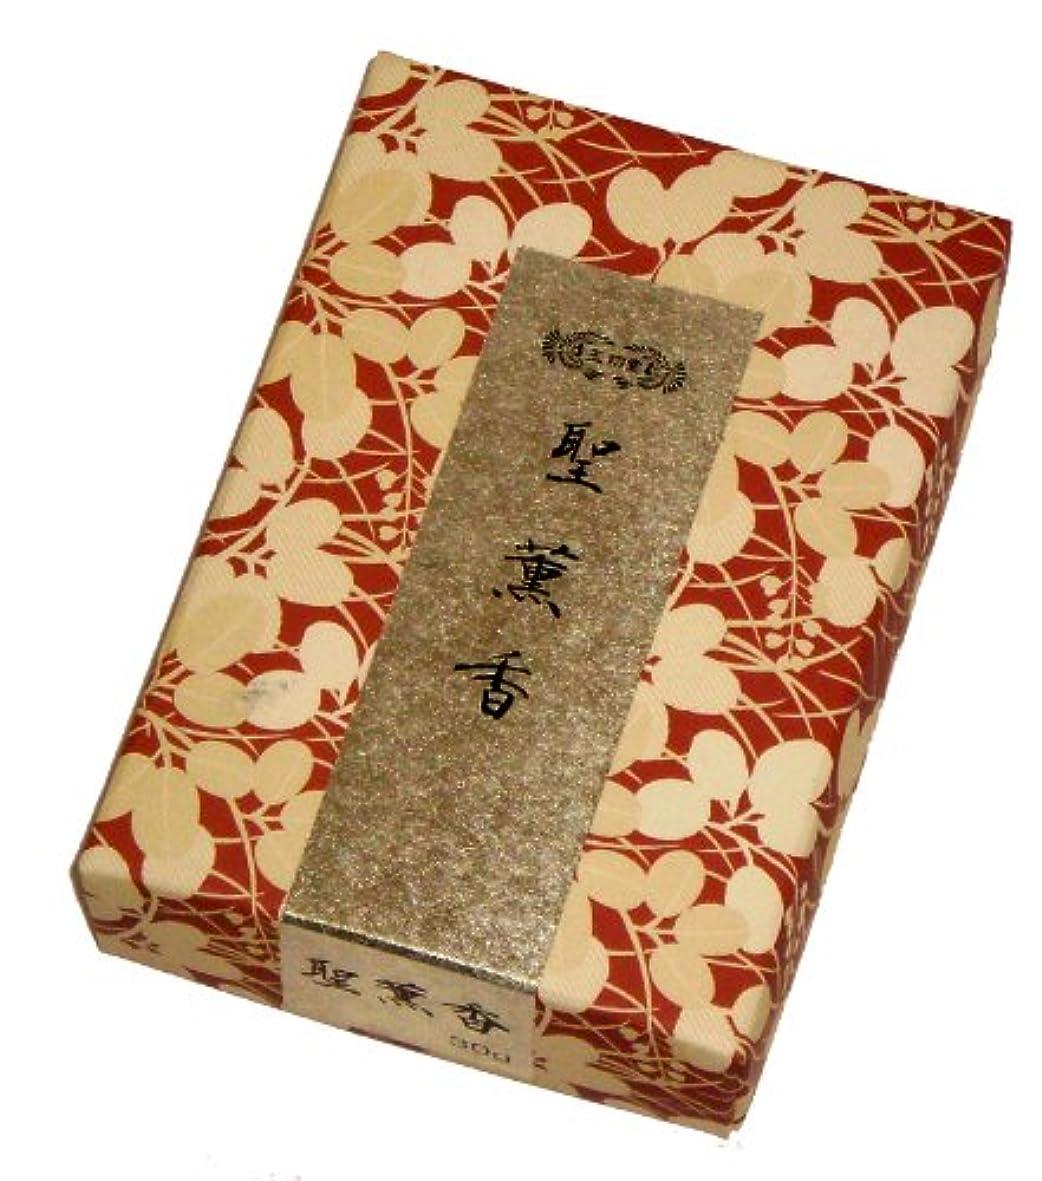 状ペイントリサイクルする玉初堂のお香 聖薫香 30g #635